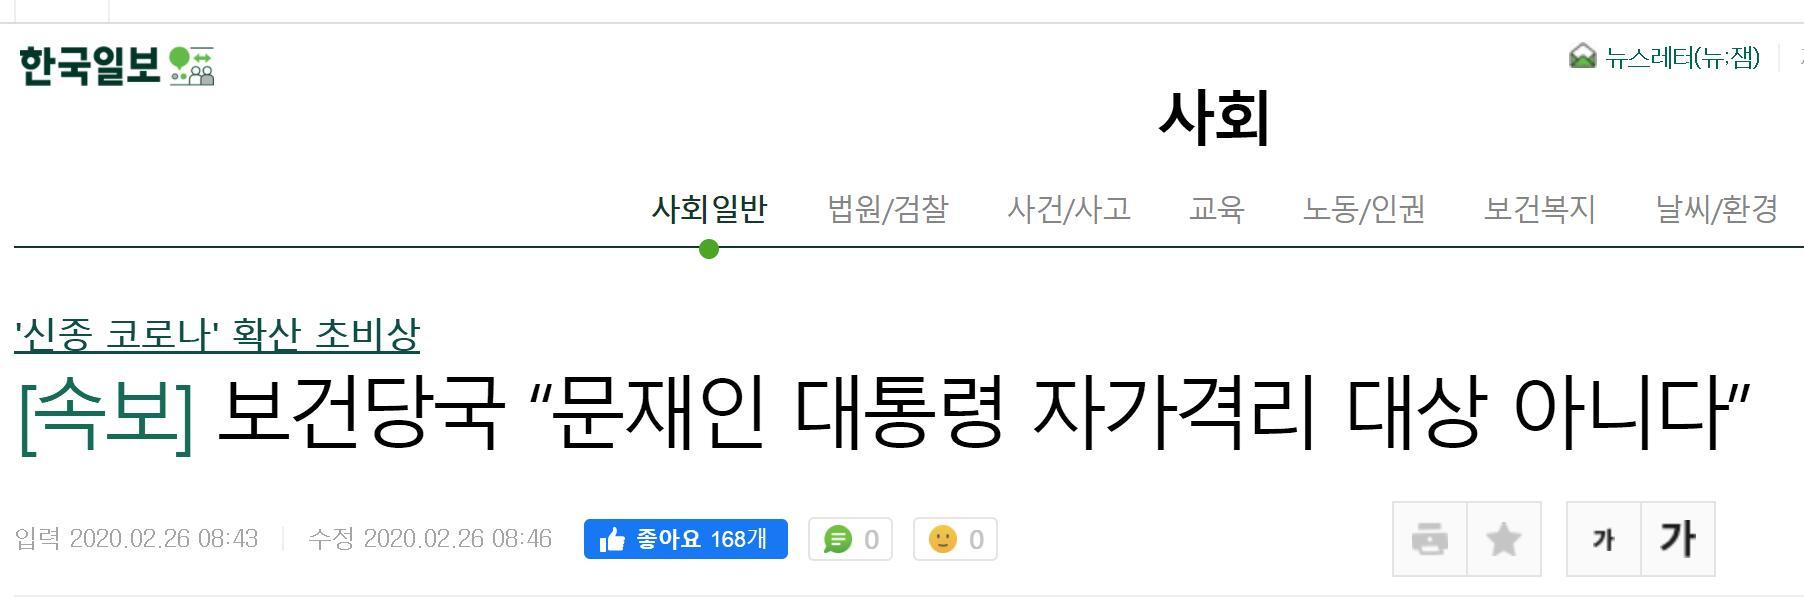 《韩国日报》报道截图